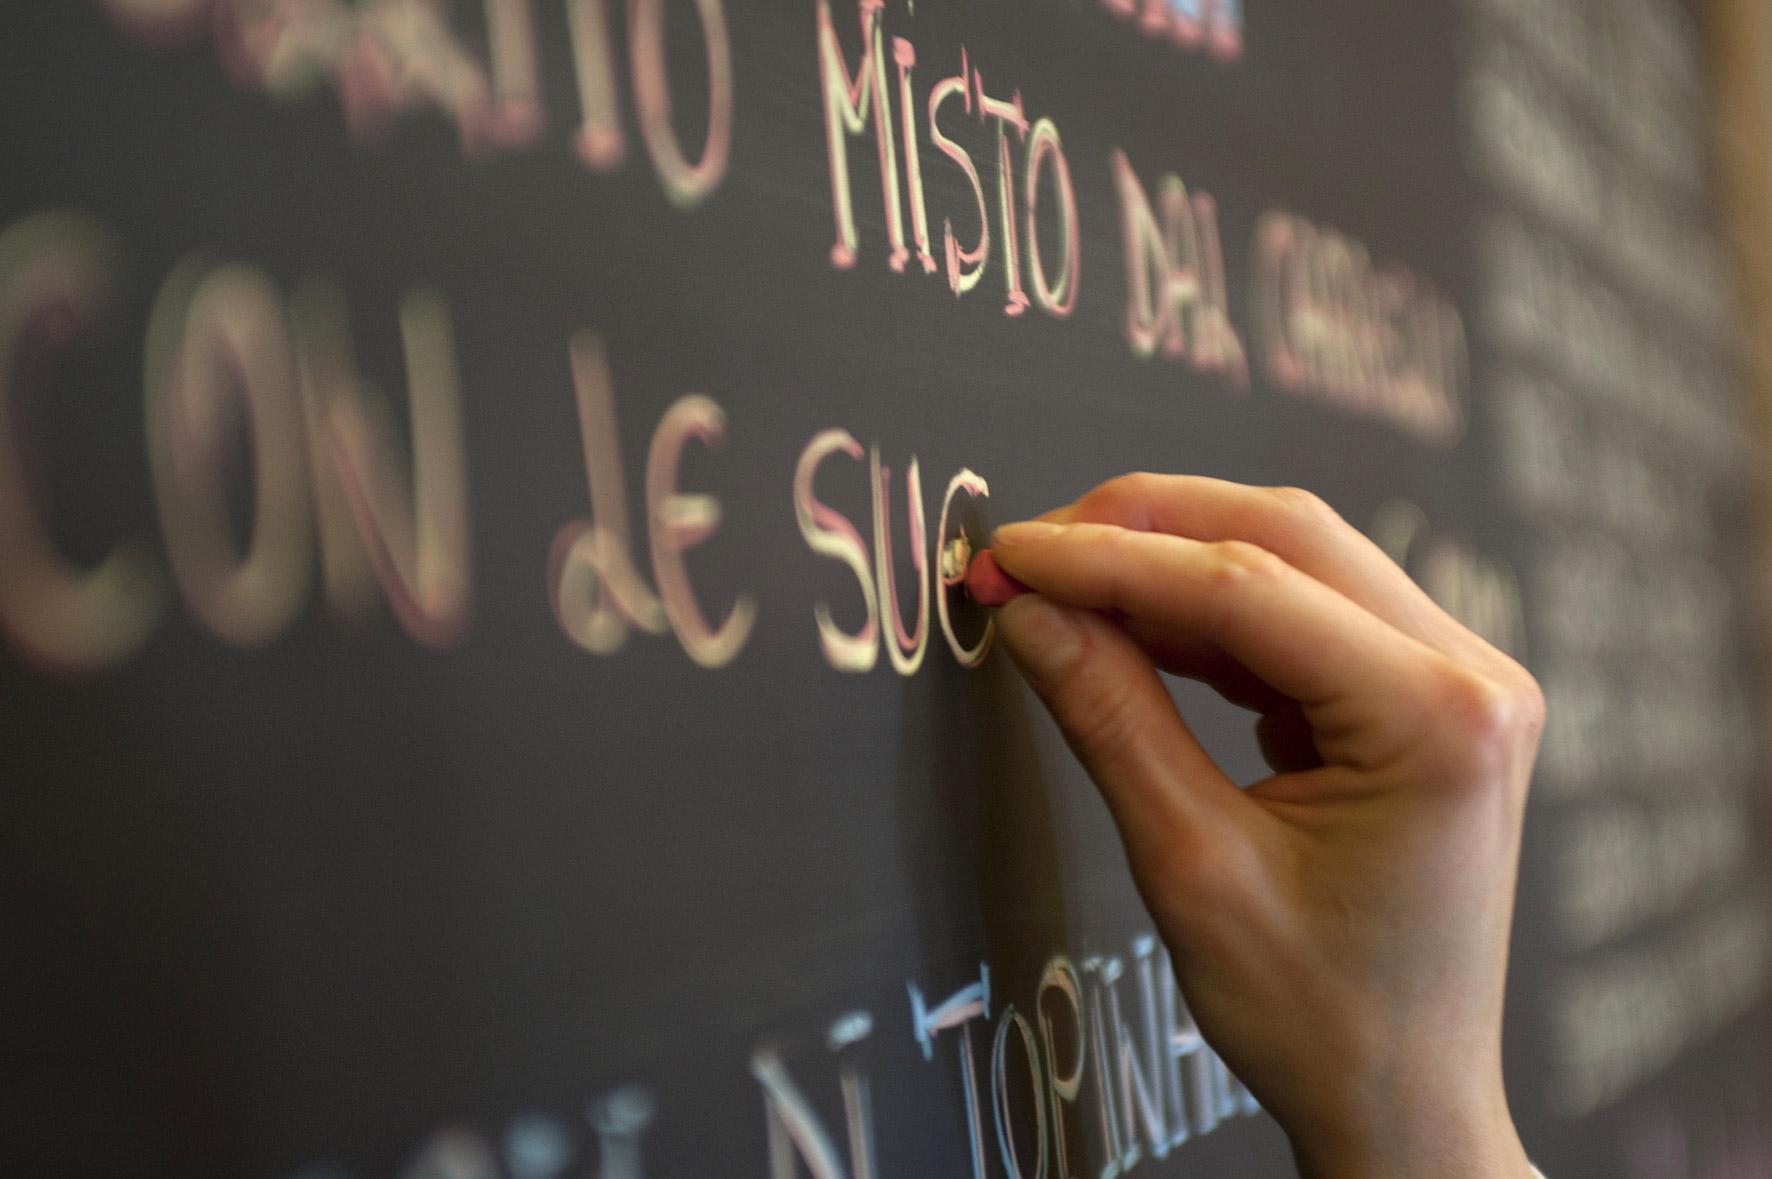 Scuola privata a Roma? Facile: Istituto Silvio Pellico.